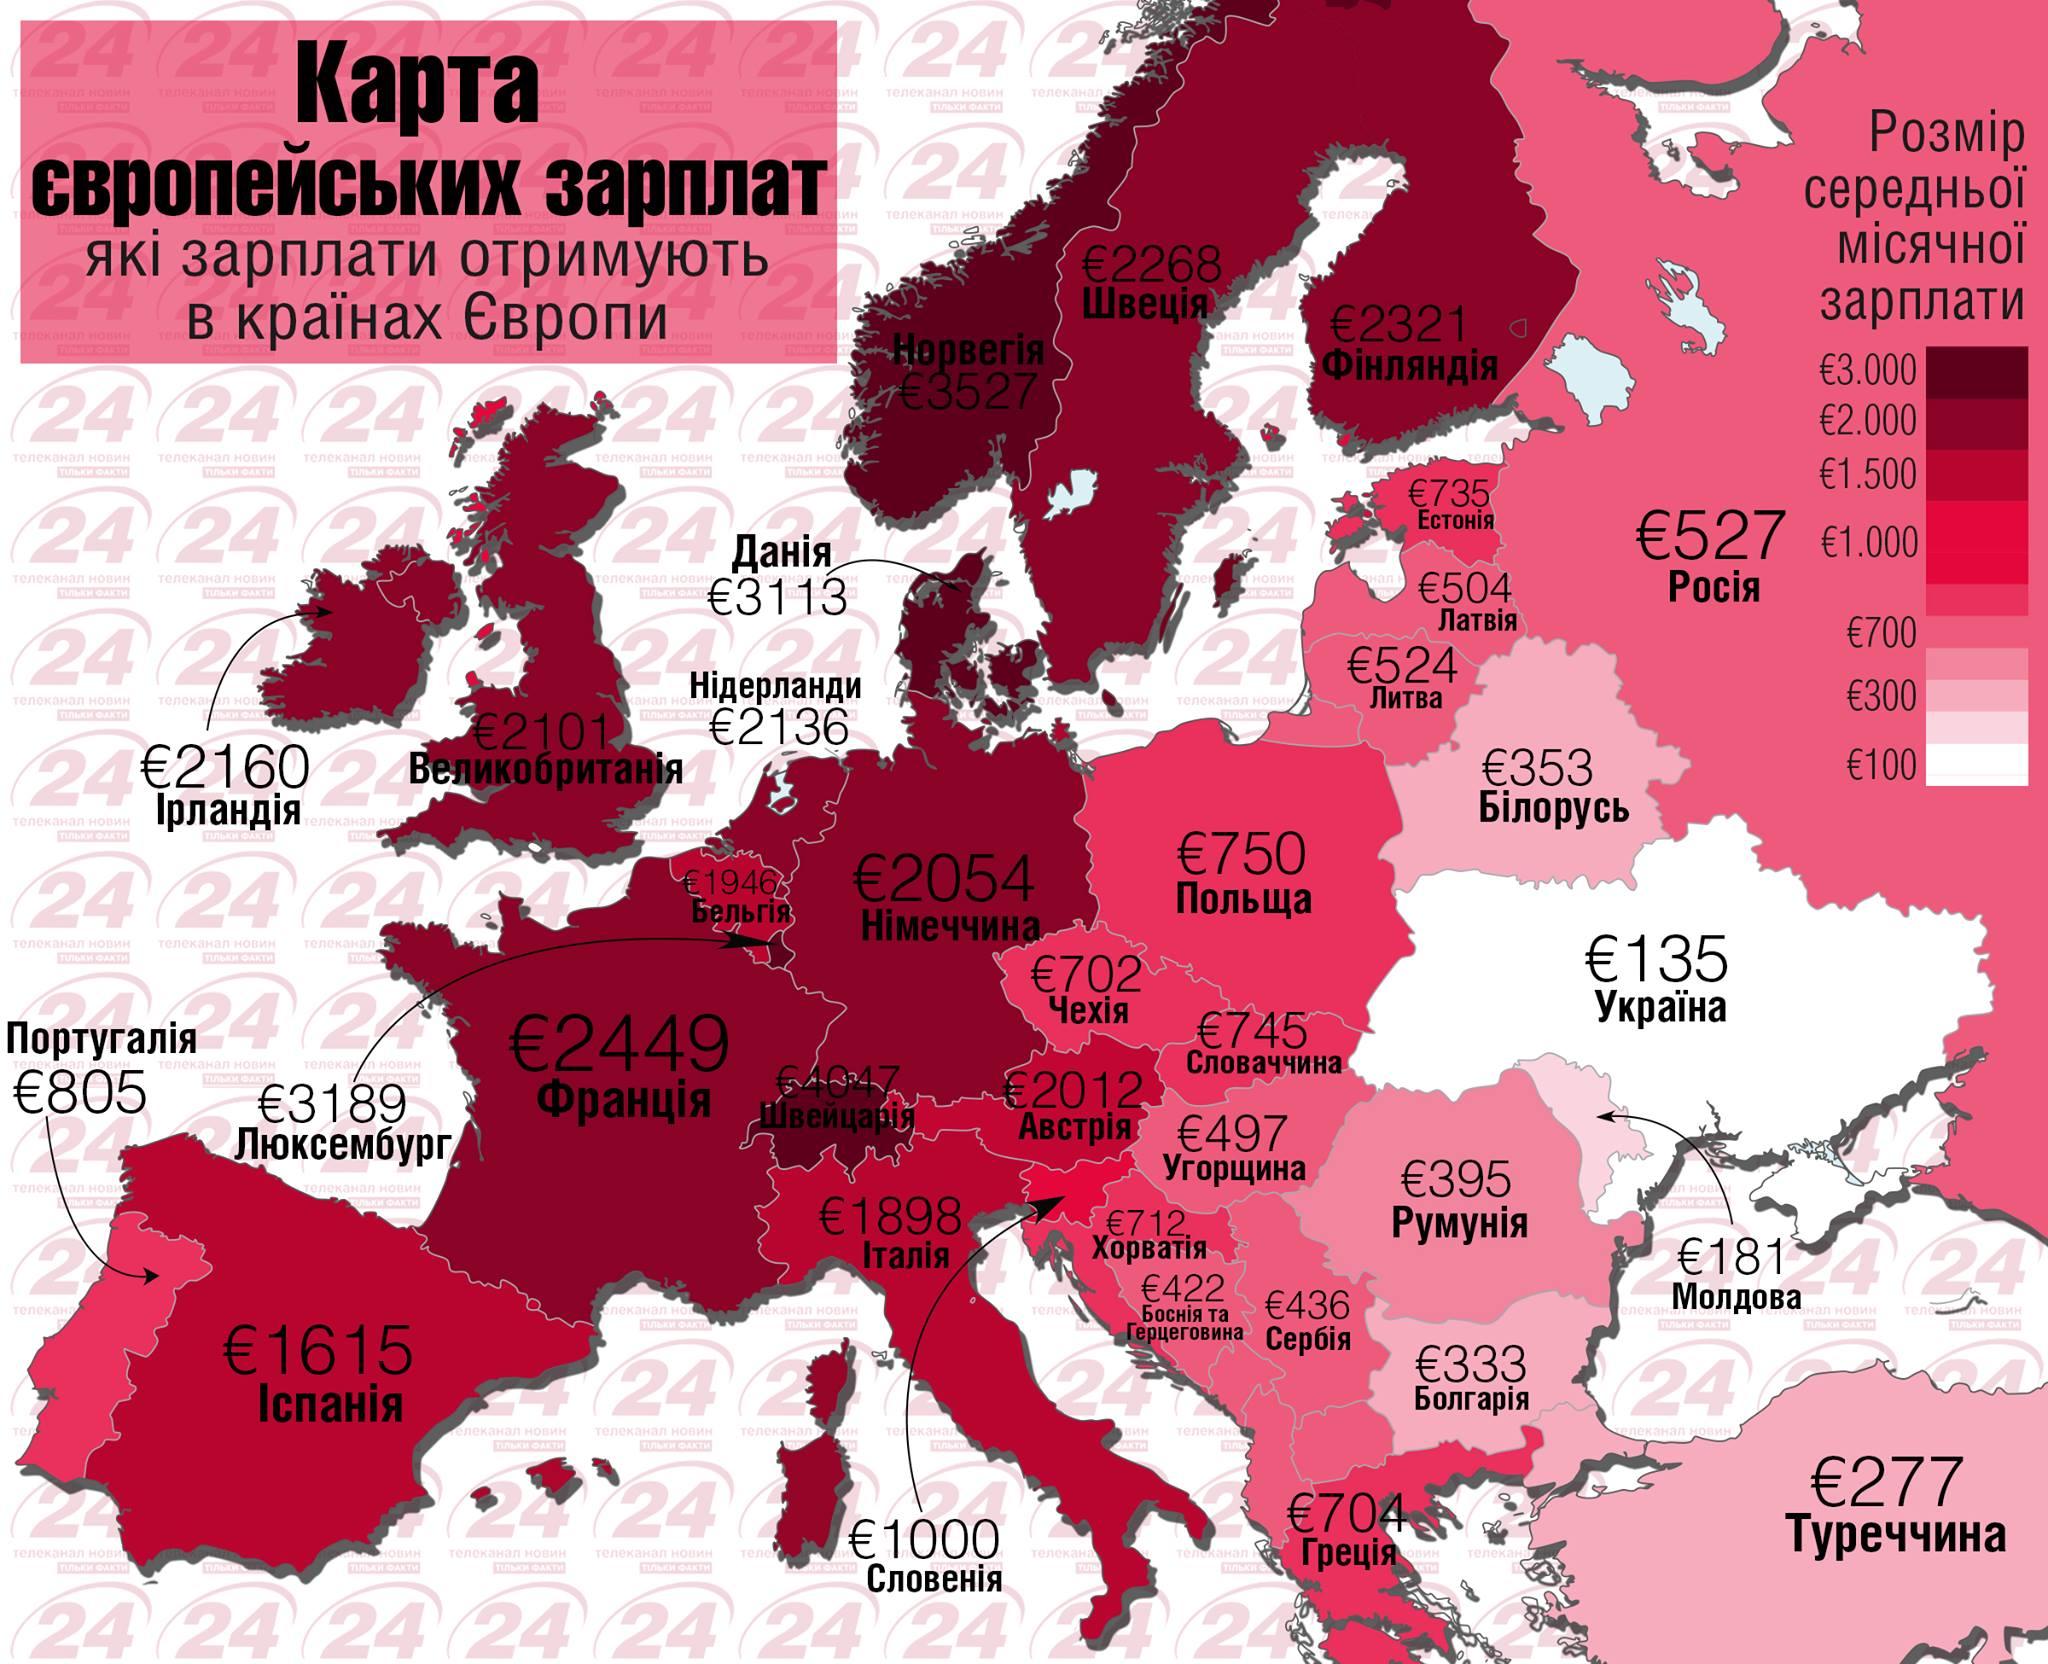 Порошенко: Украинцы не будут спрашивать разрешения Путина, быть ли им европейской нацией - Цензор.НЕТ 2612